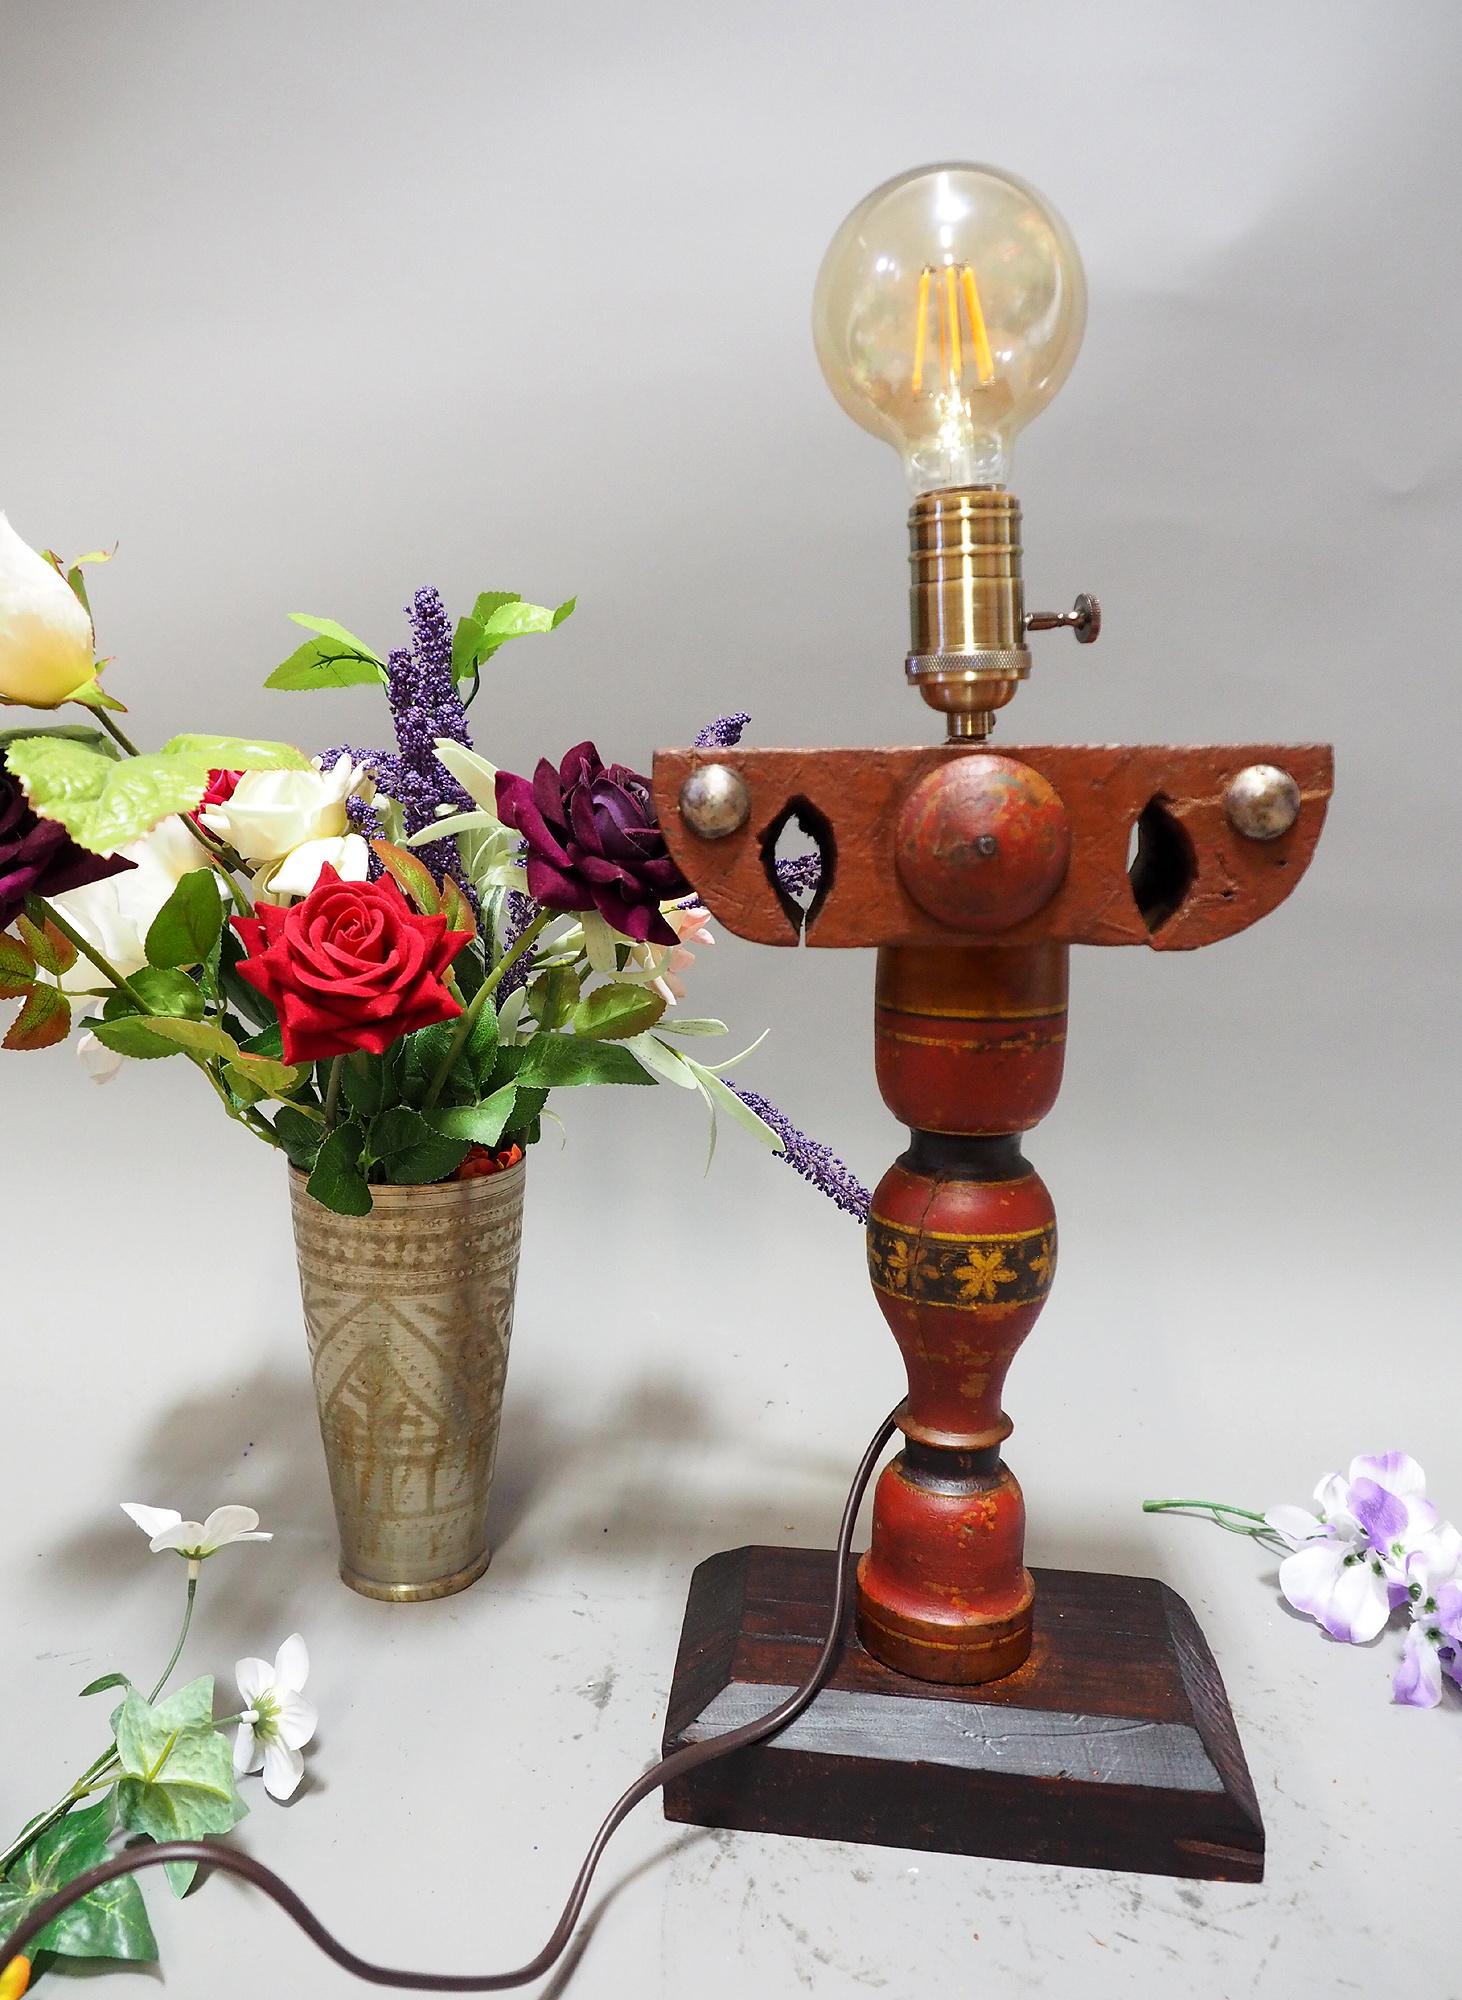 Antike orient handgearbeitete Lacquerware Massiv Holz Lampensockel Tischleuchte mit Vintage Fassung aus Afghanistan Pakistan 21/7